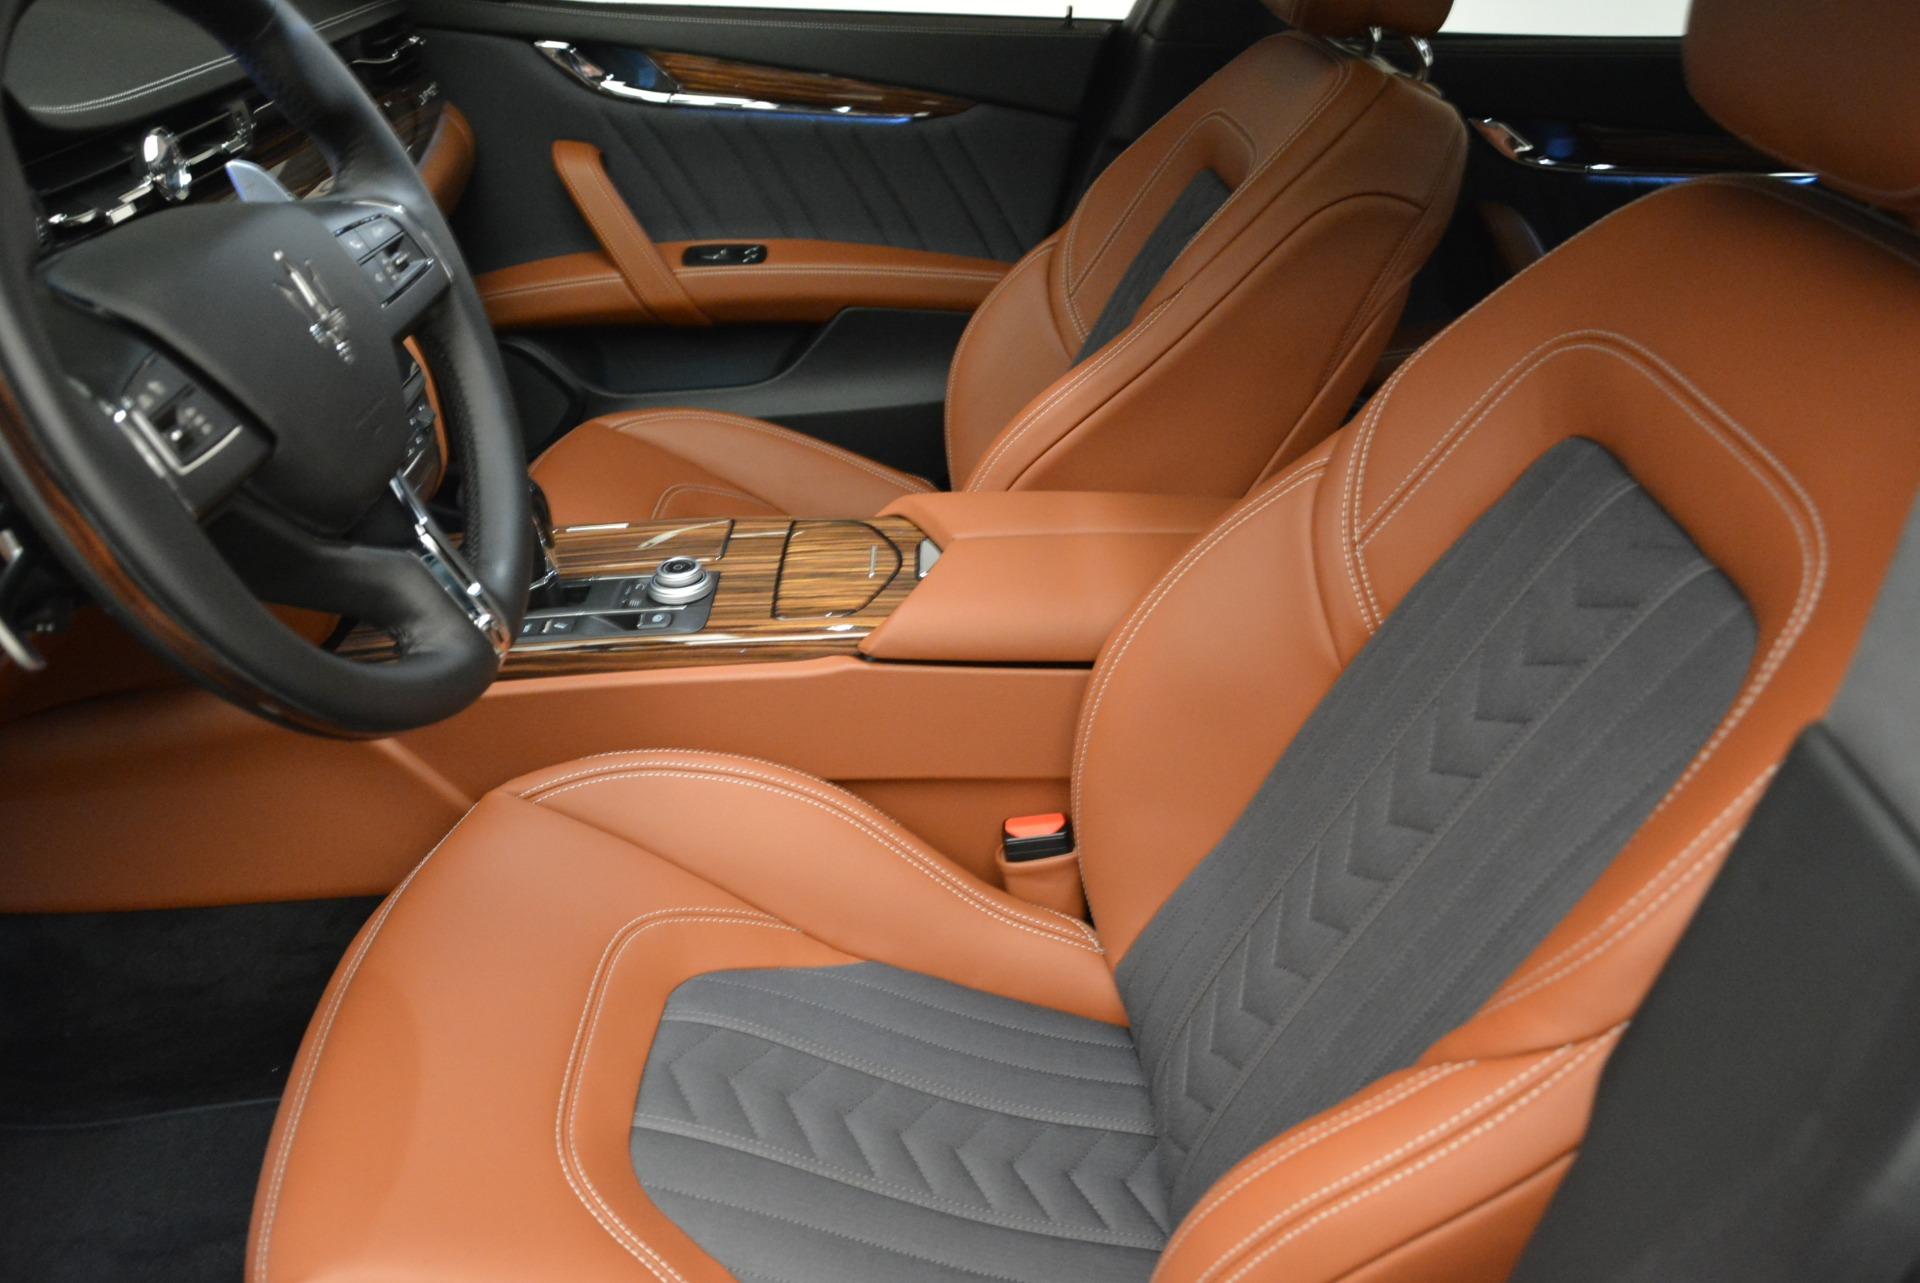 New 2018 Maserati Quattroporte S Q4 GranLusso For Sale In Westport, CT 1816_p14